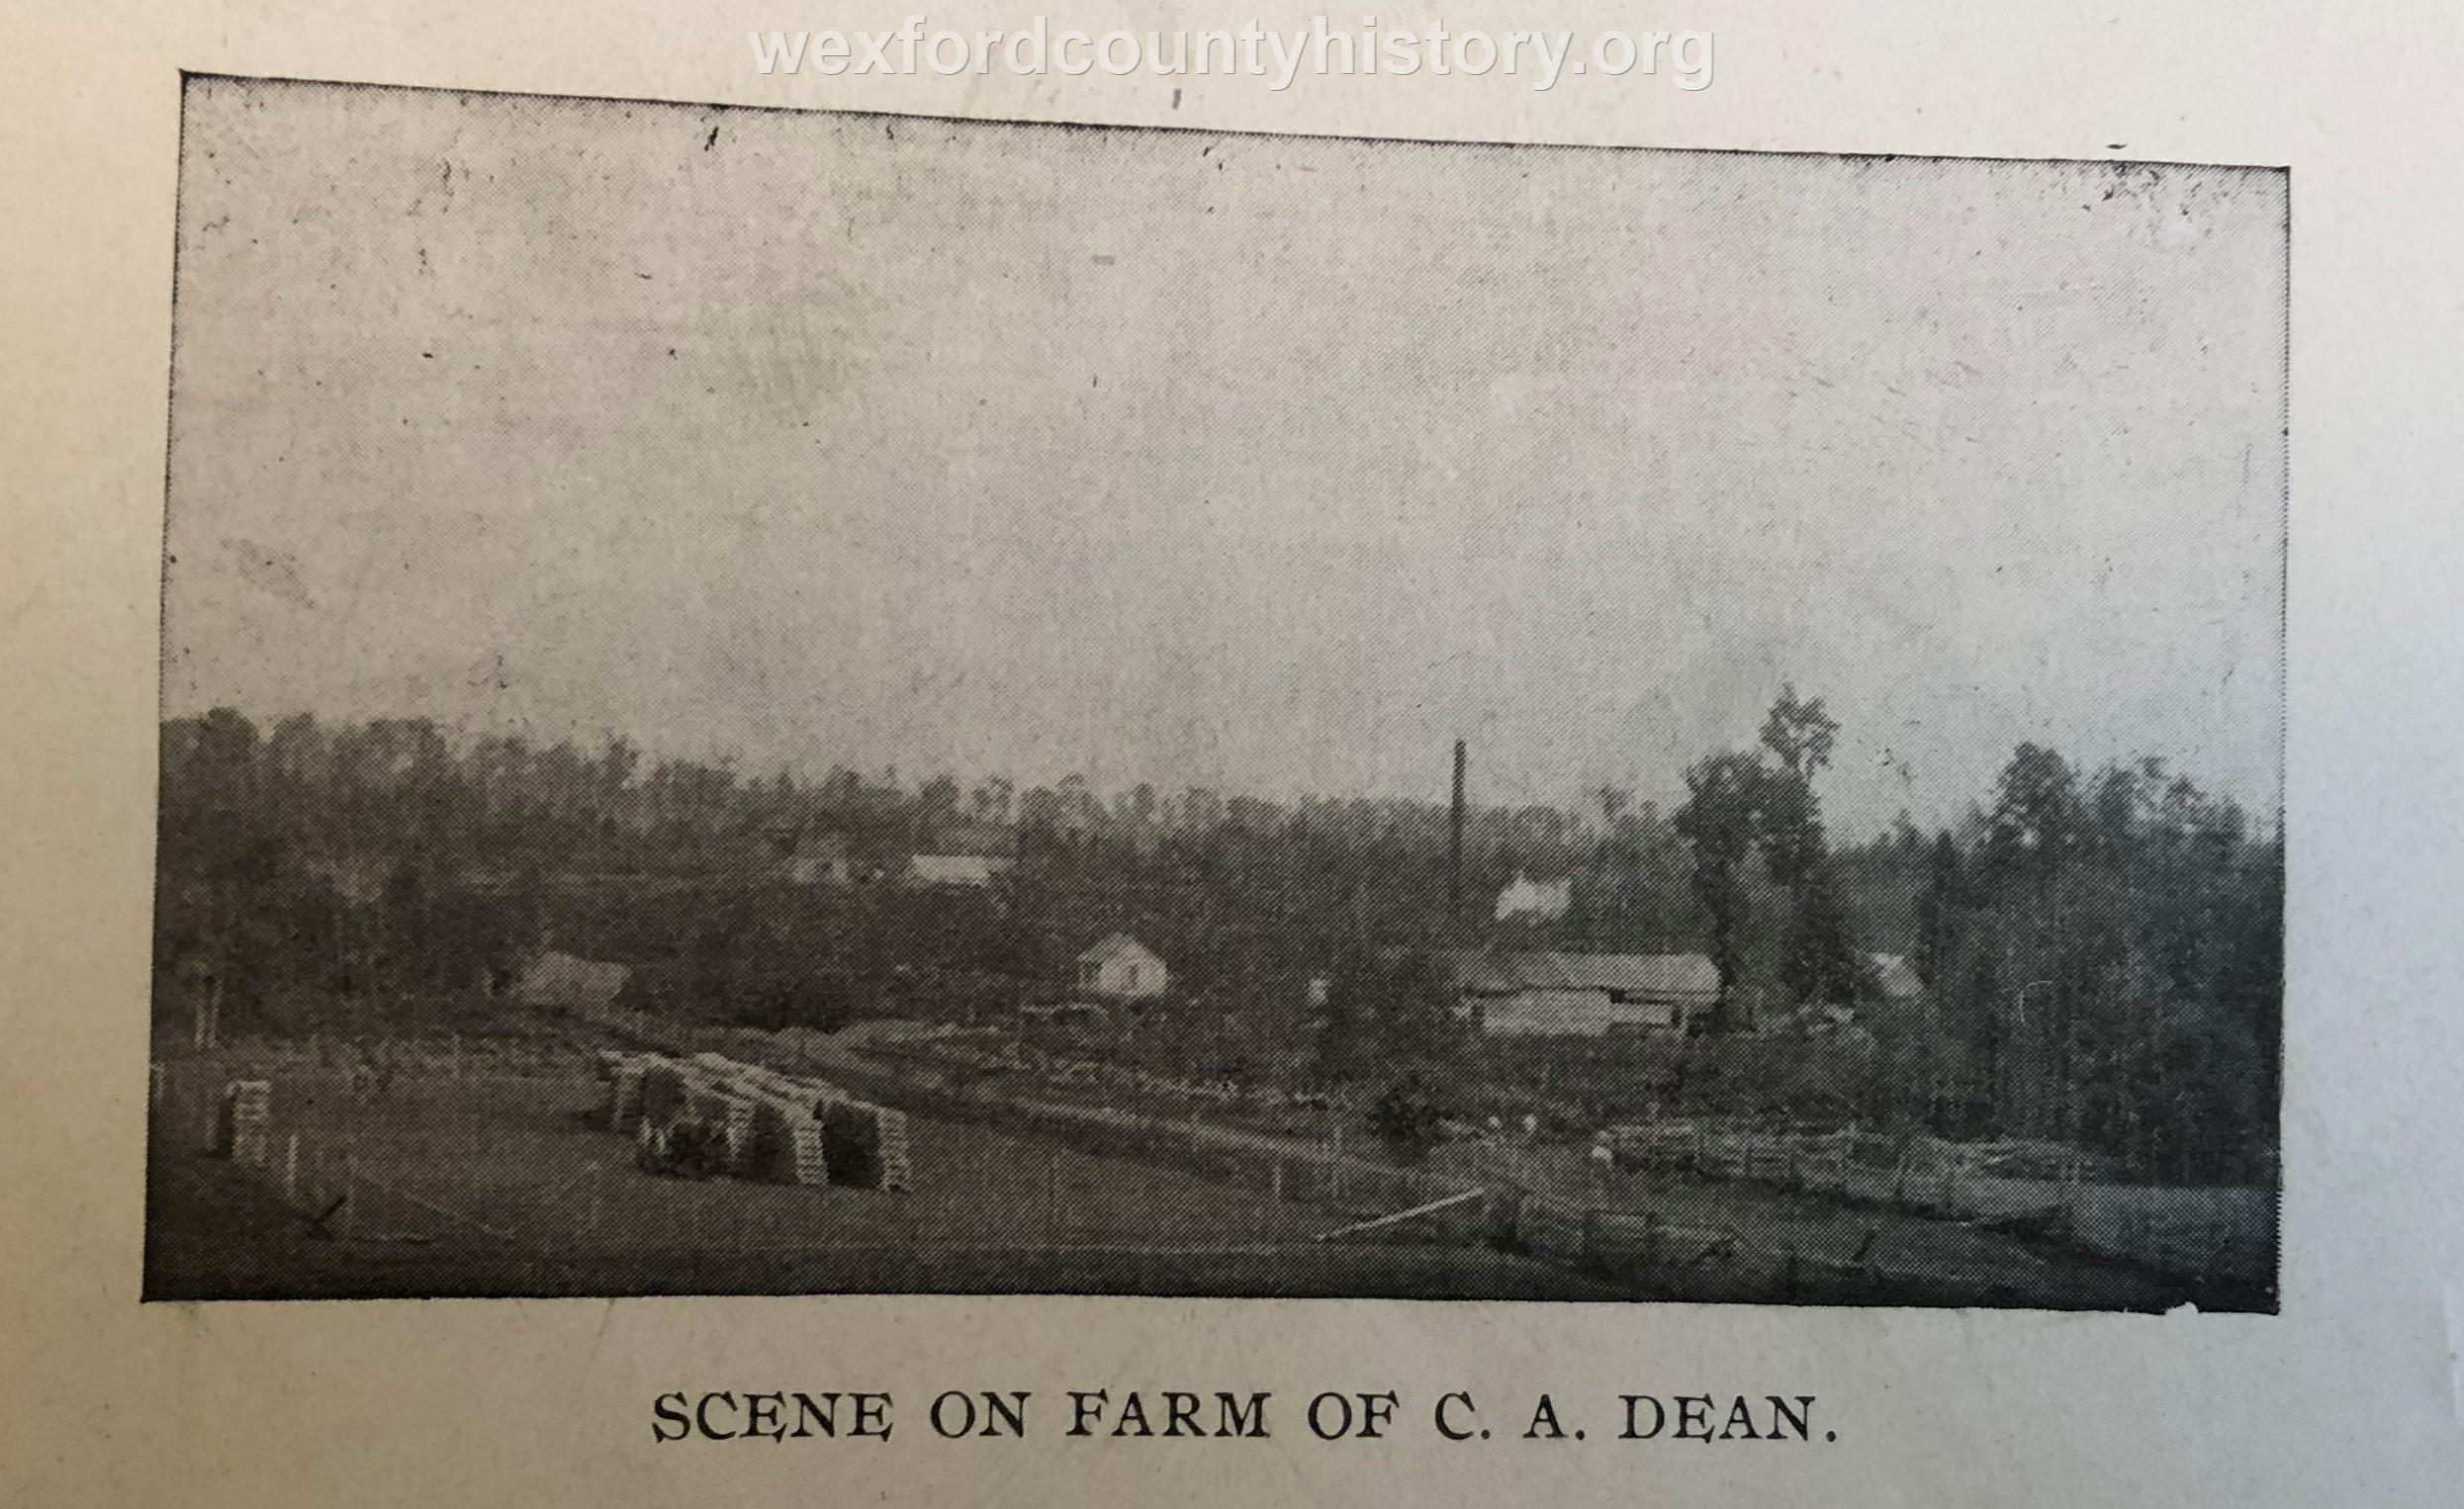 C. A. Dean Farm